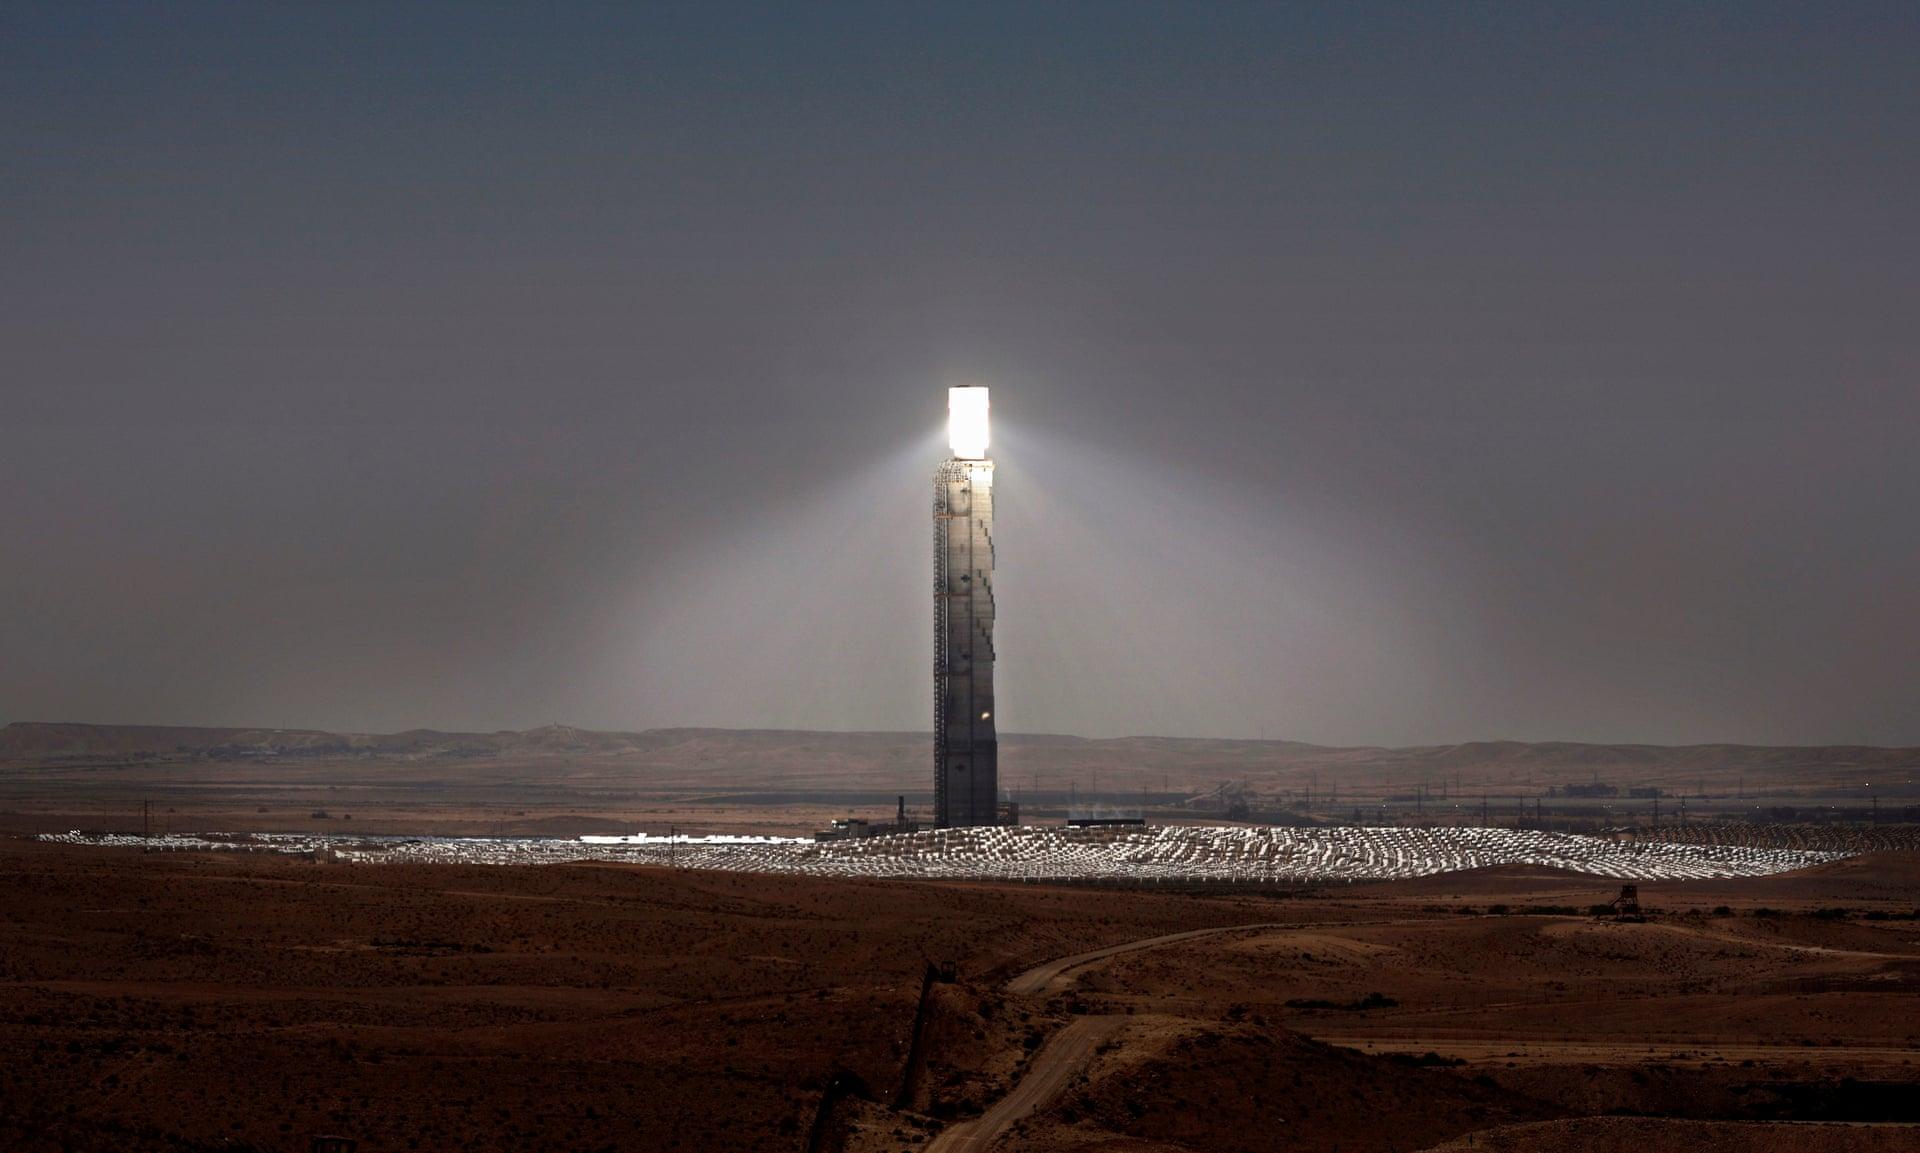 برج أورشليم للطاقة الشمسية